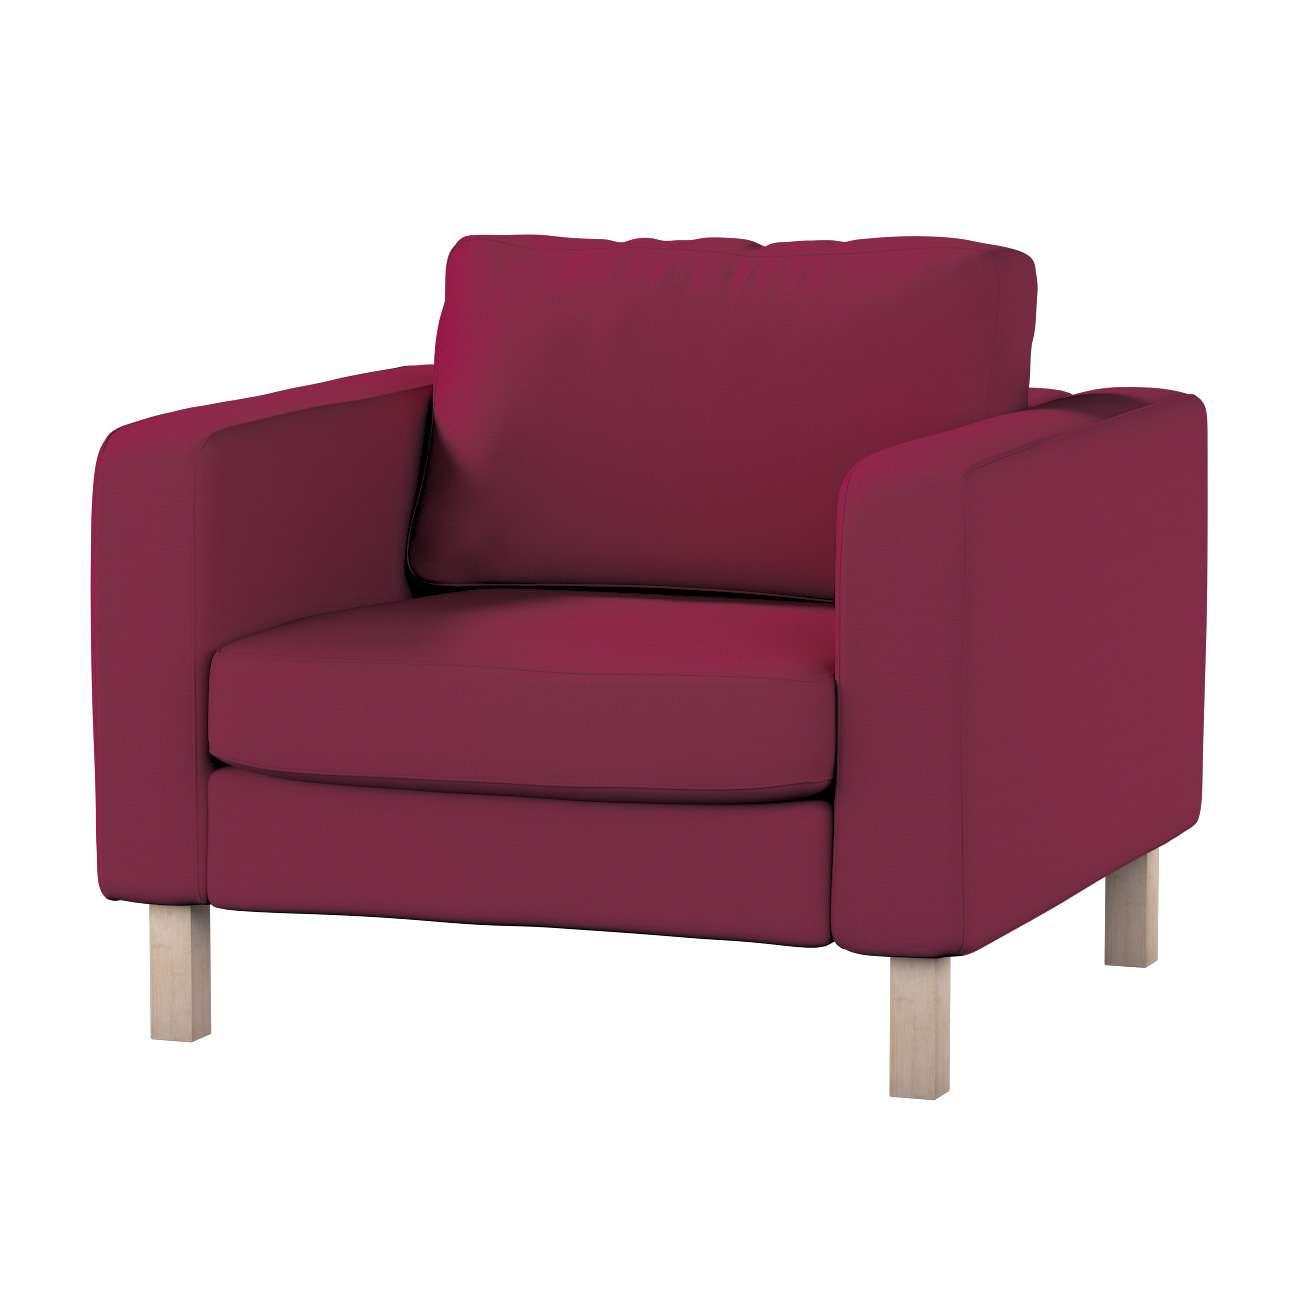 Karlstad fotelio užvalkalas Karlstad fotelio užvalkalas kolekcijoje Cotton Panama, audinys: 702-32